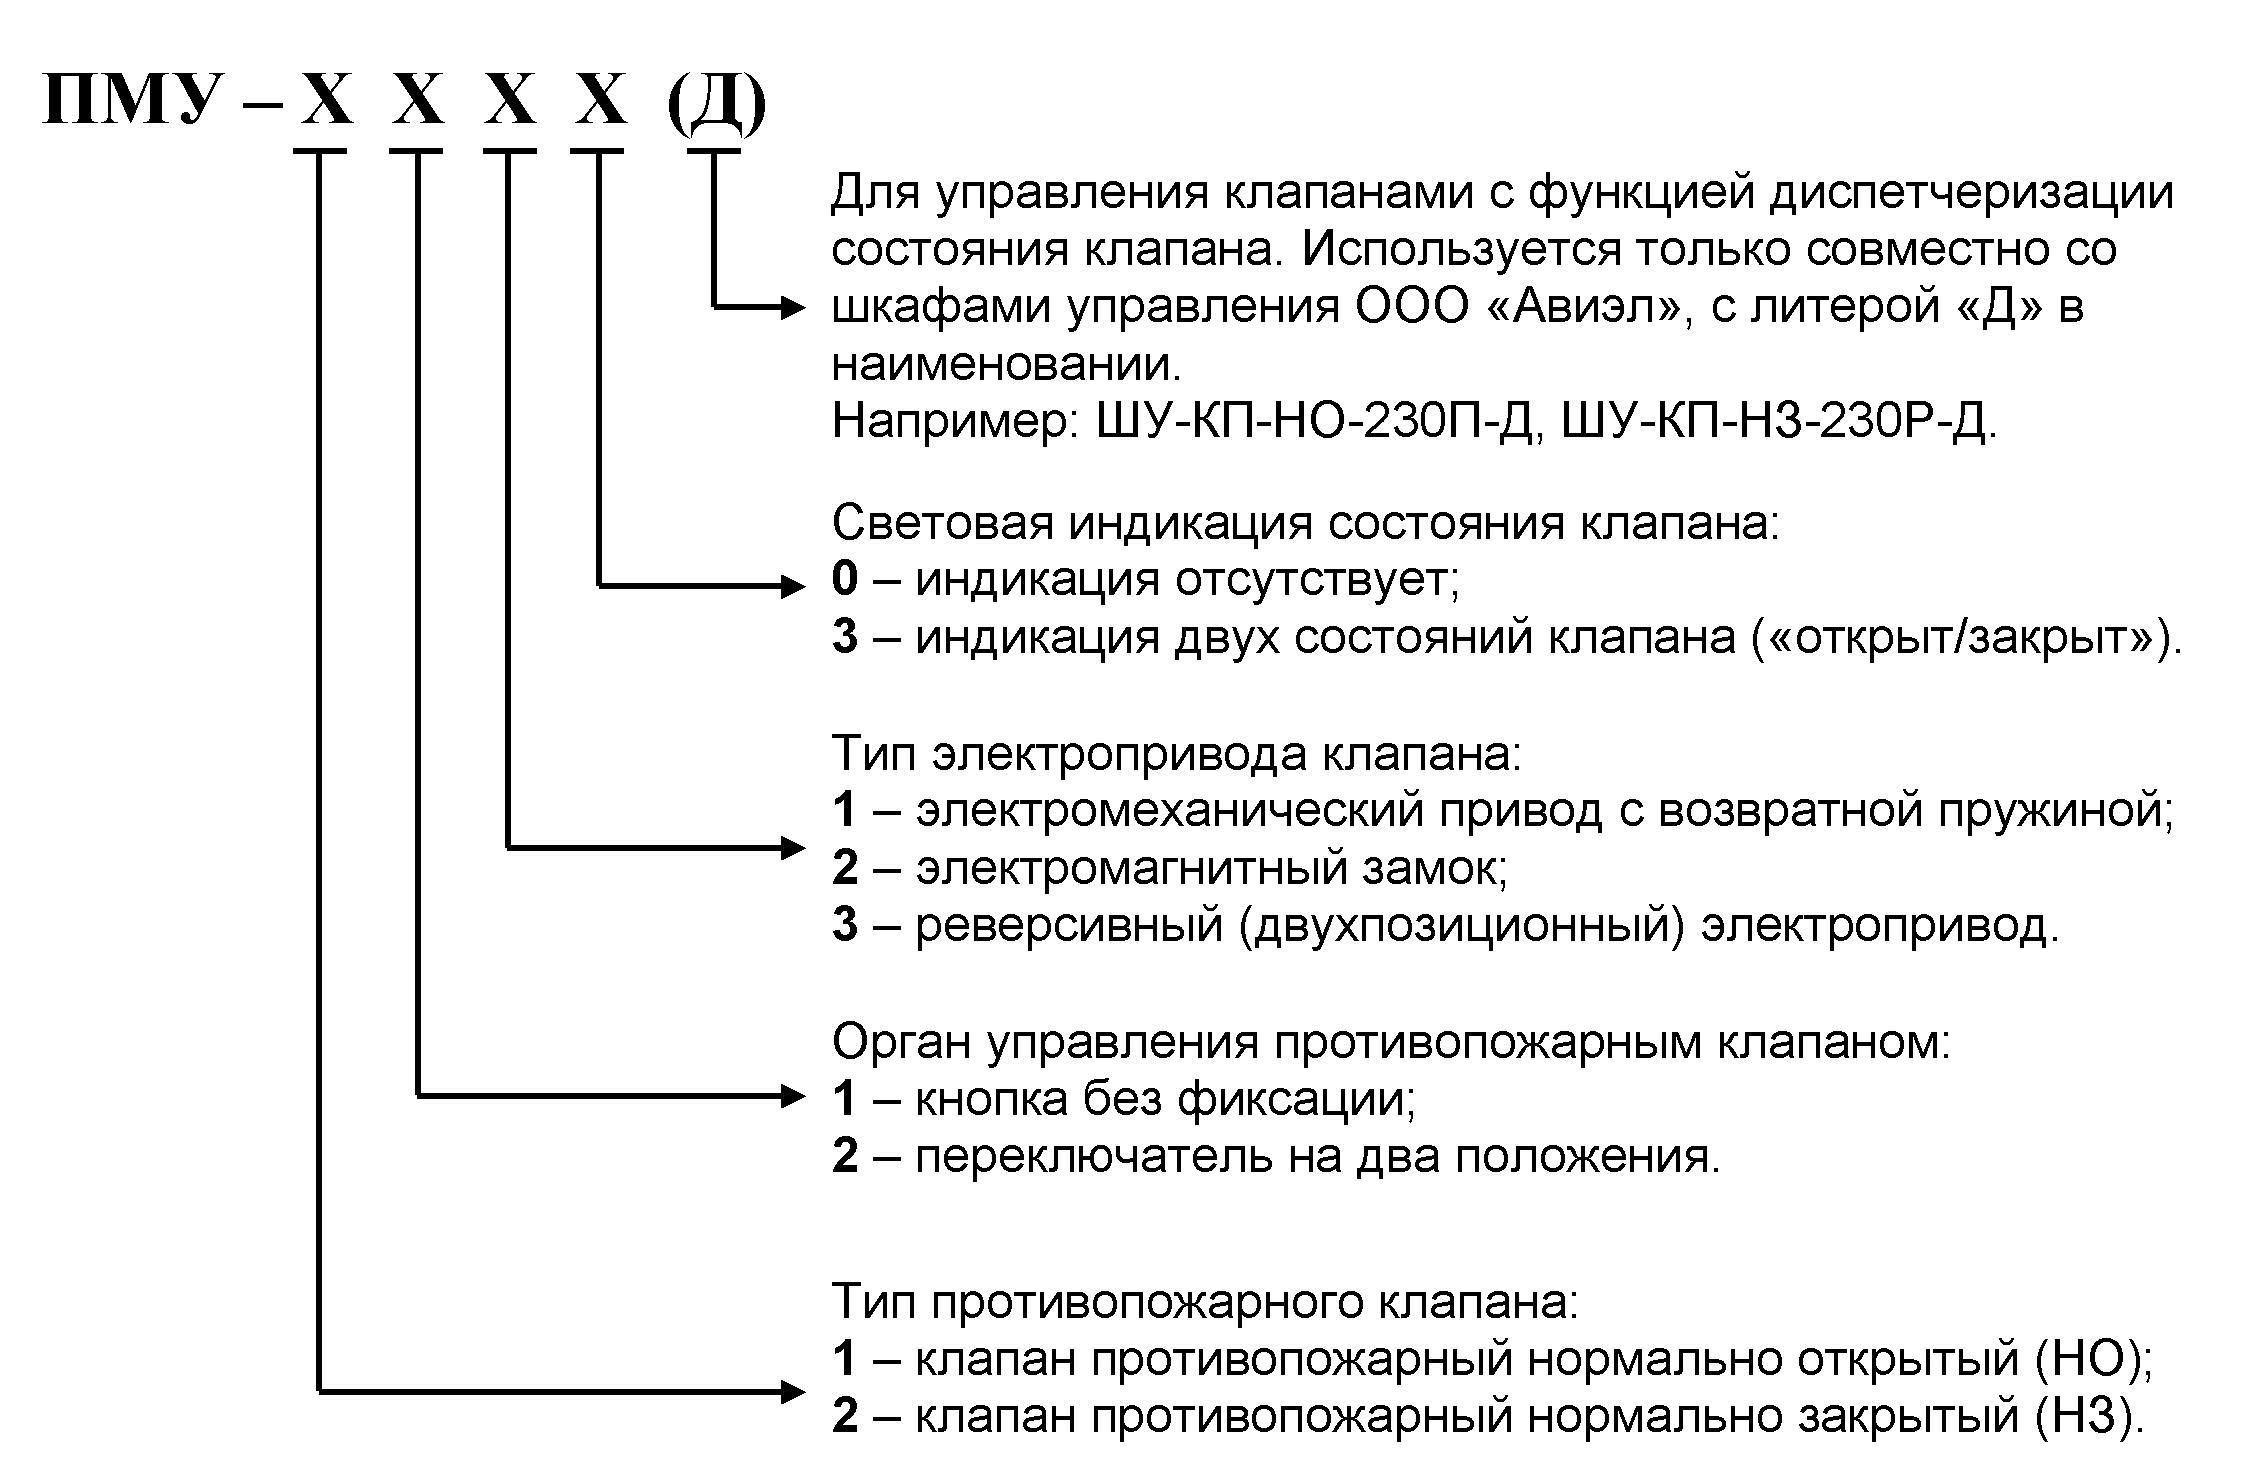 Структура обозначения ПМУ